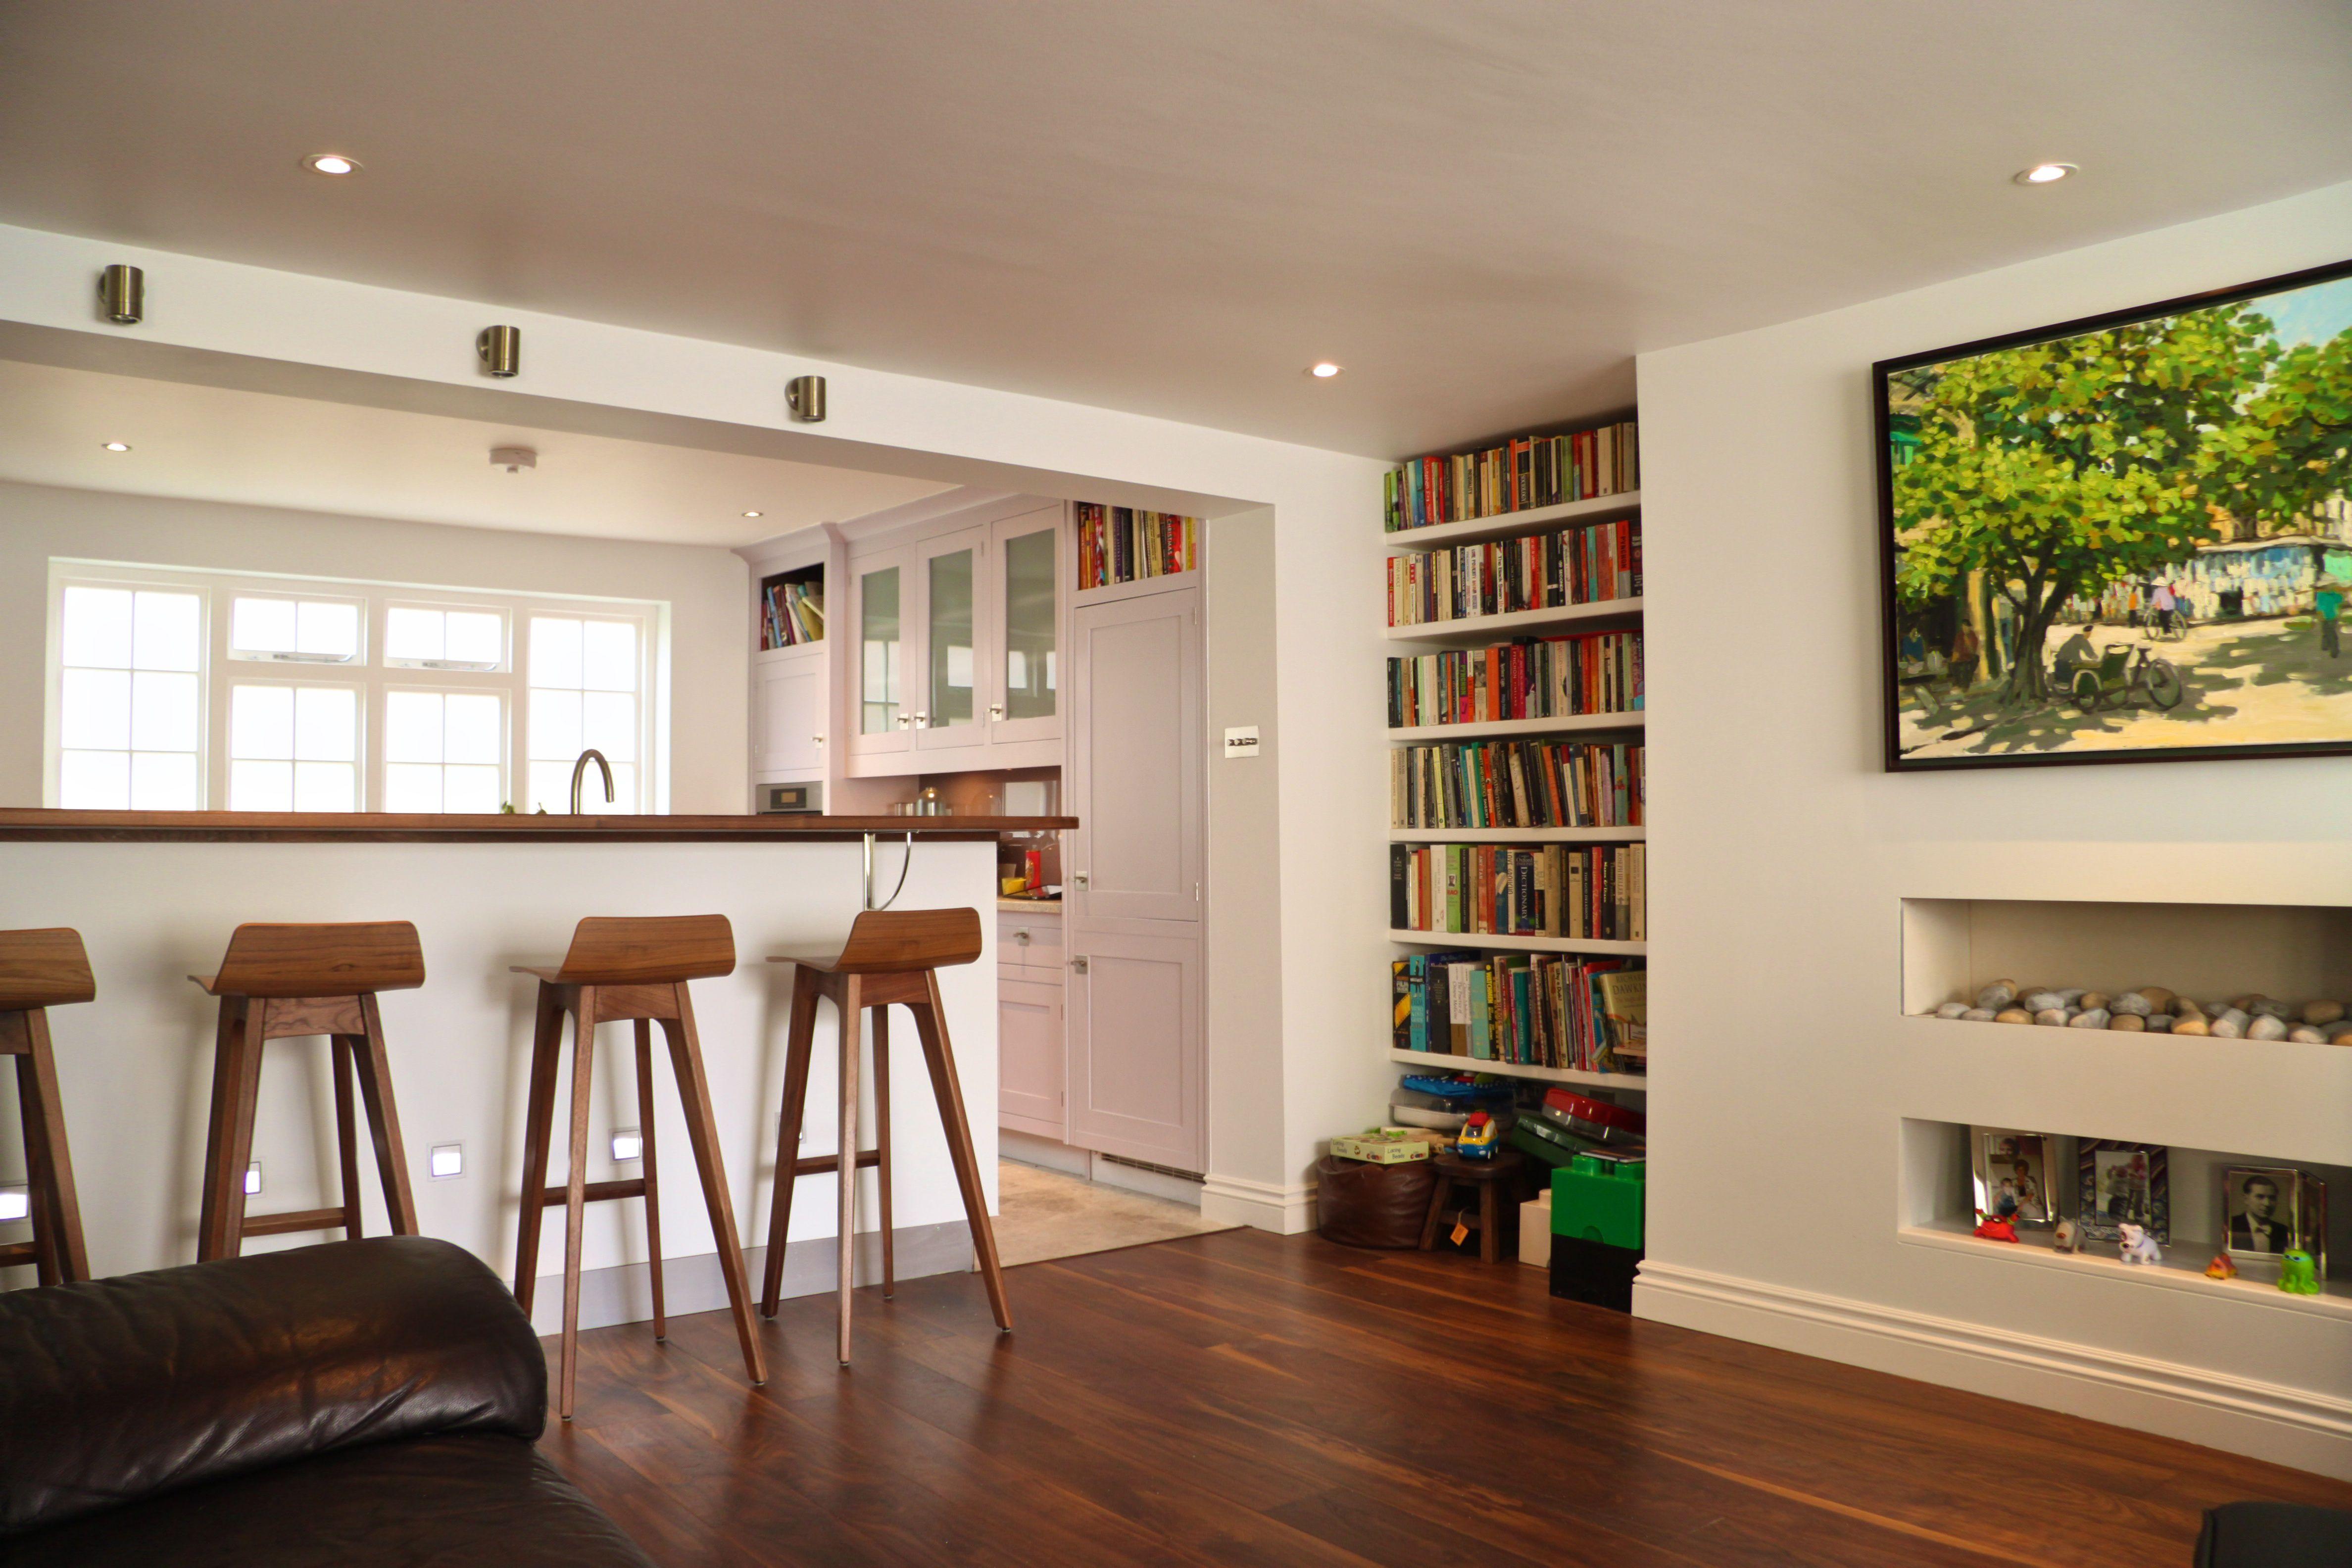 Breakfast Bar Bookshelf Dark Wooden Floor White Walls Dark Wooden Floor White Walls Architect